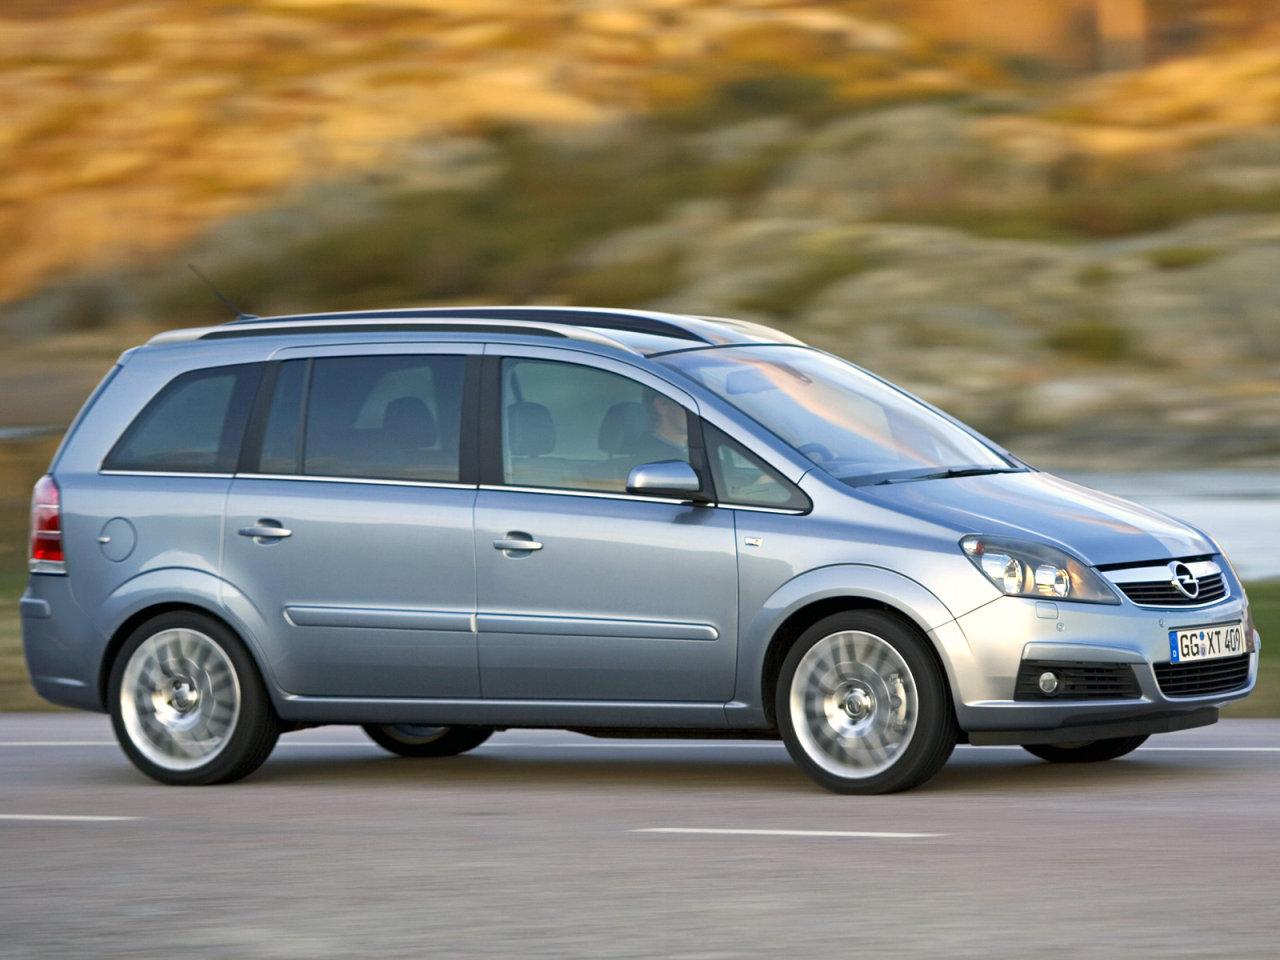 Opel zafira aминивэн 5-дв